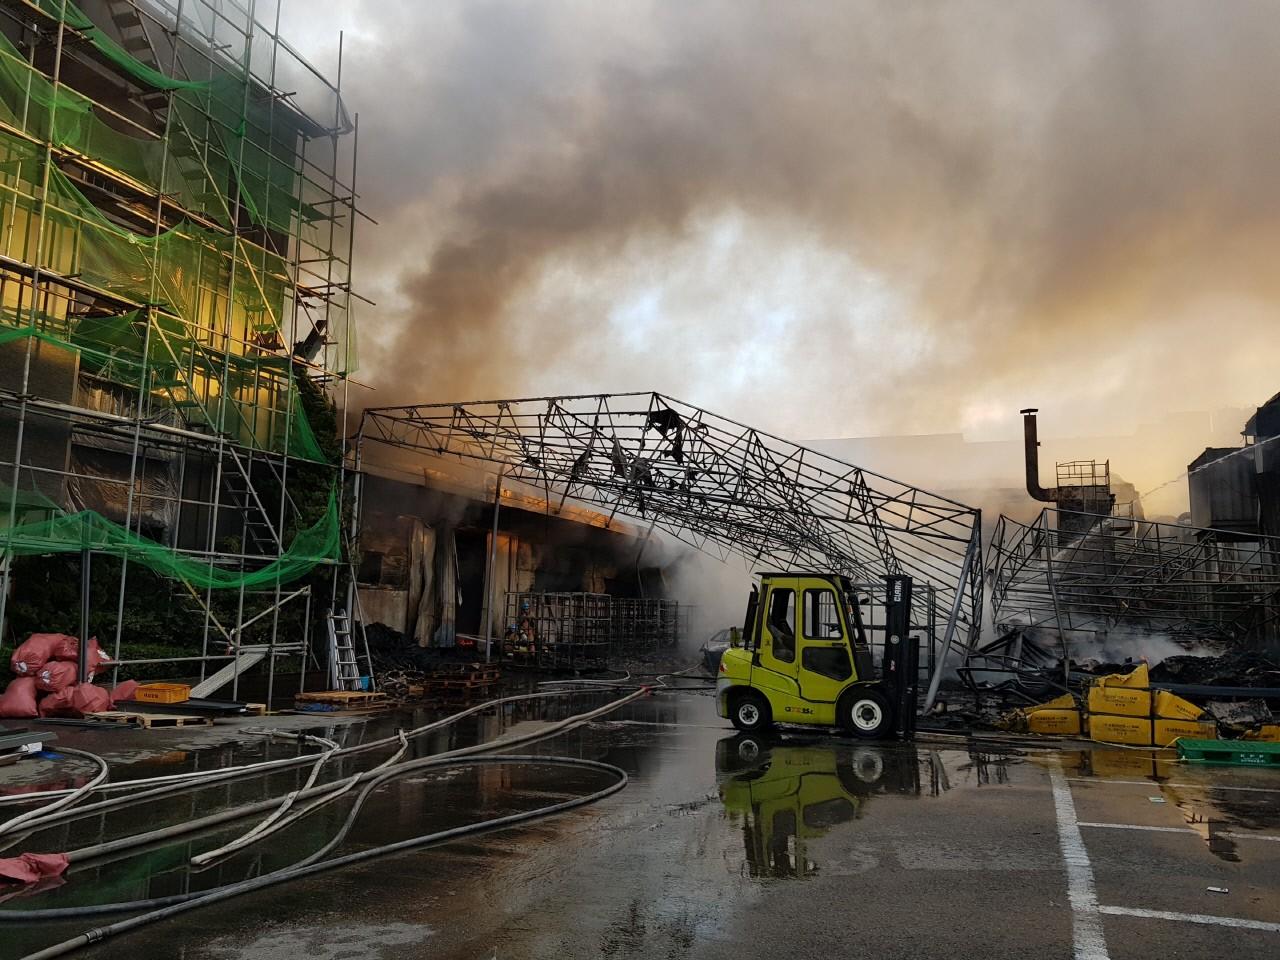 시화공단서 방화로 인한 화재…중국인 1명 사망